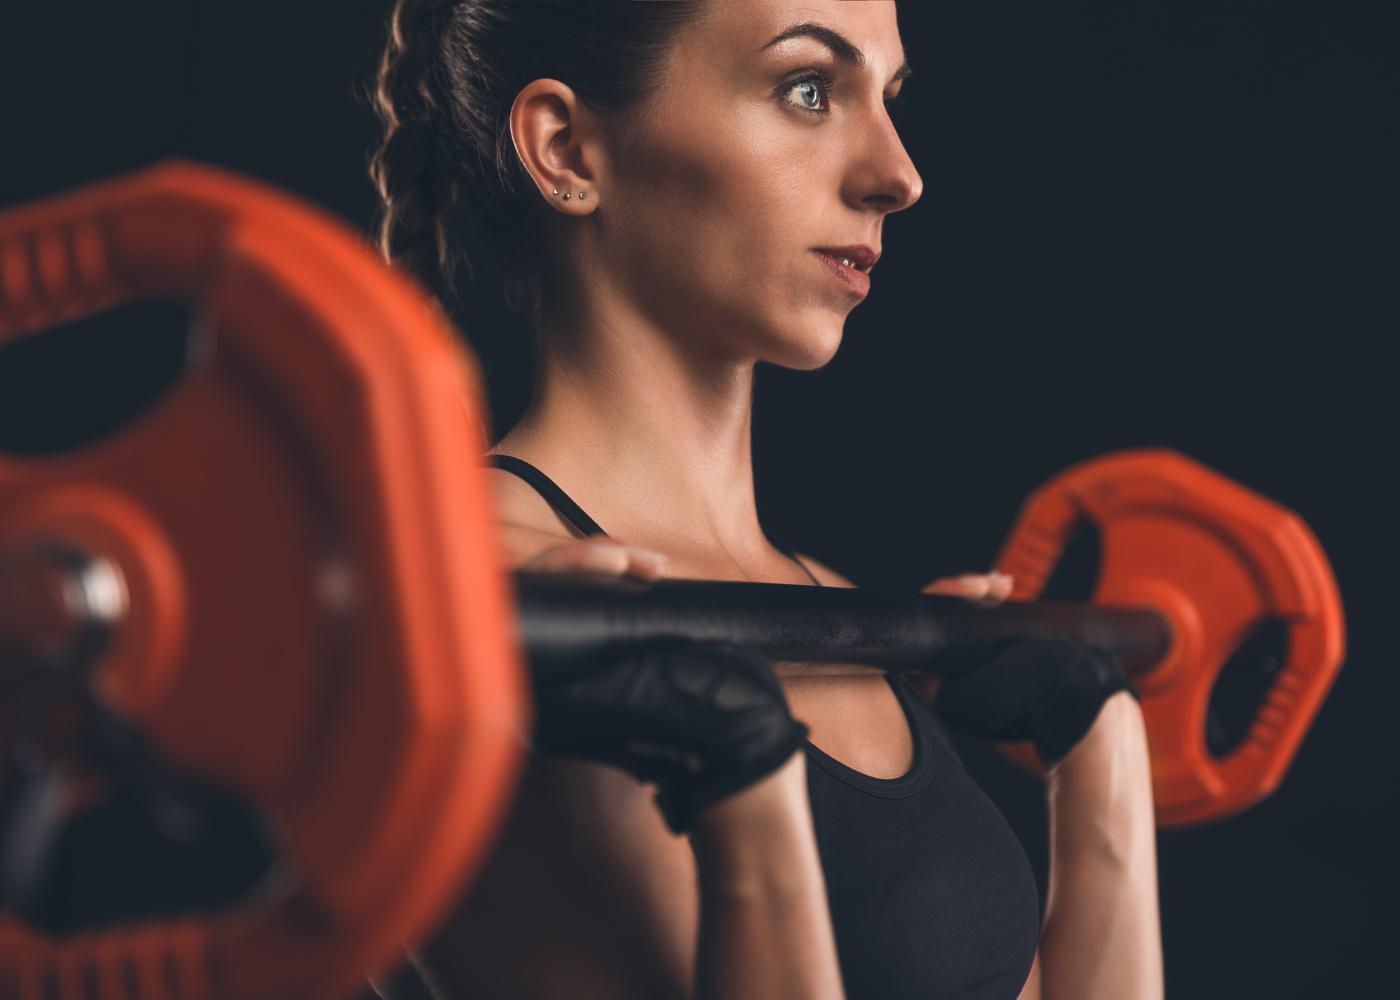 exercicios de musculacao para bracos musculados